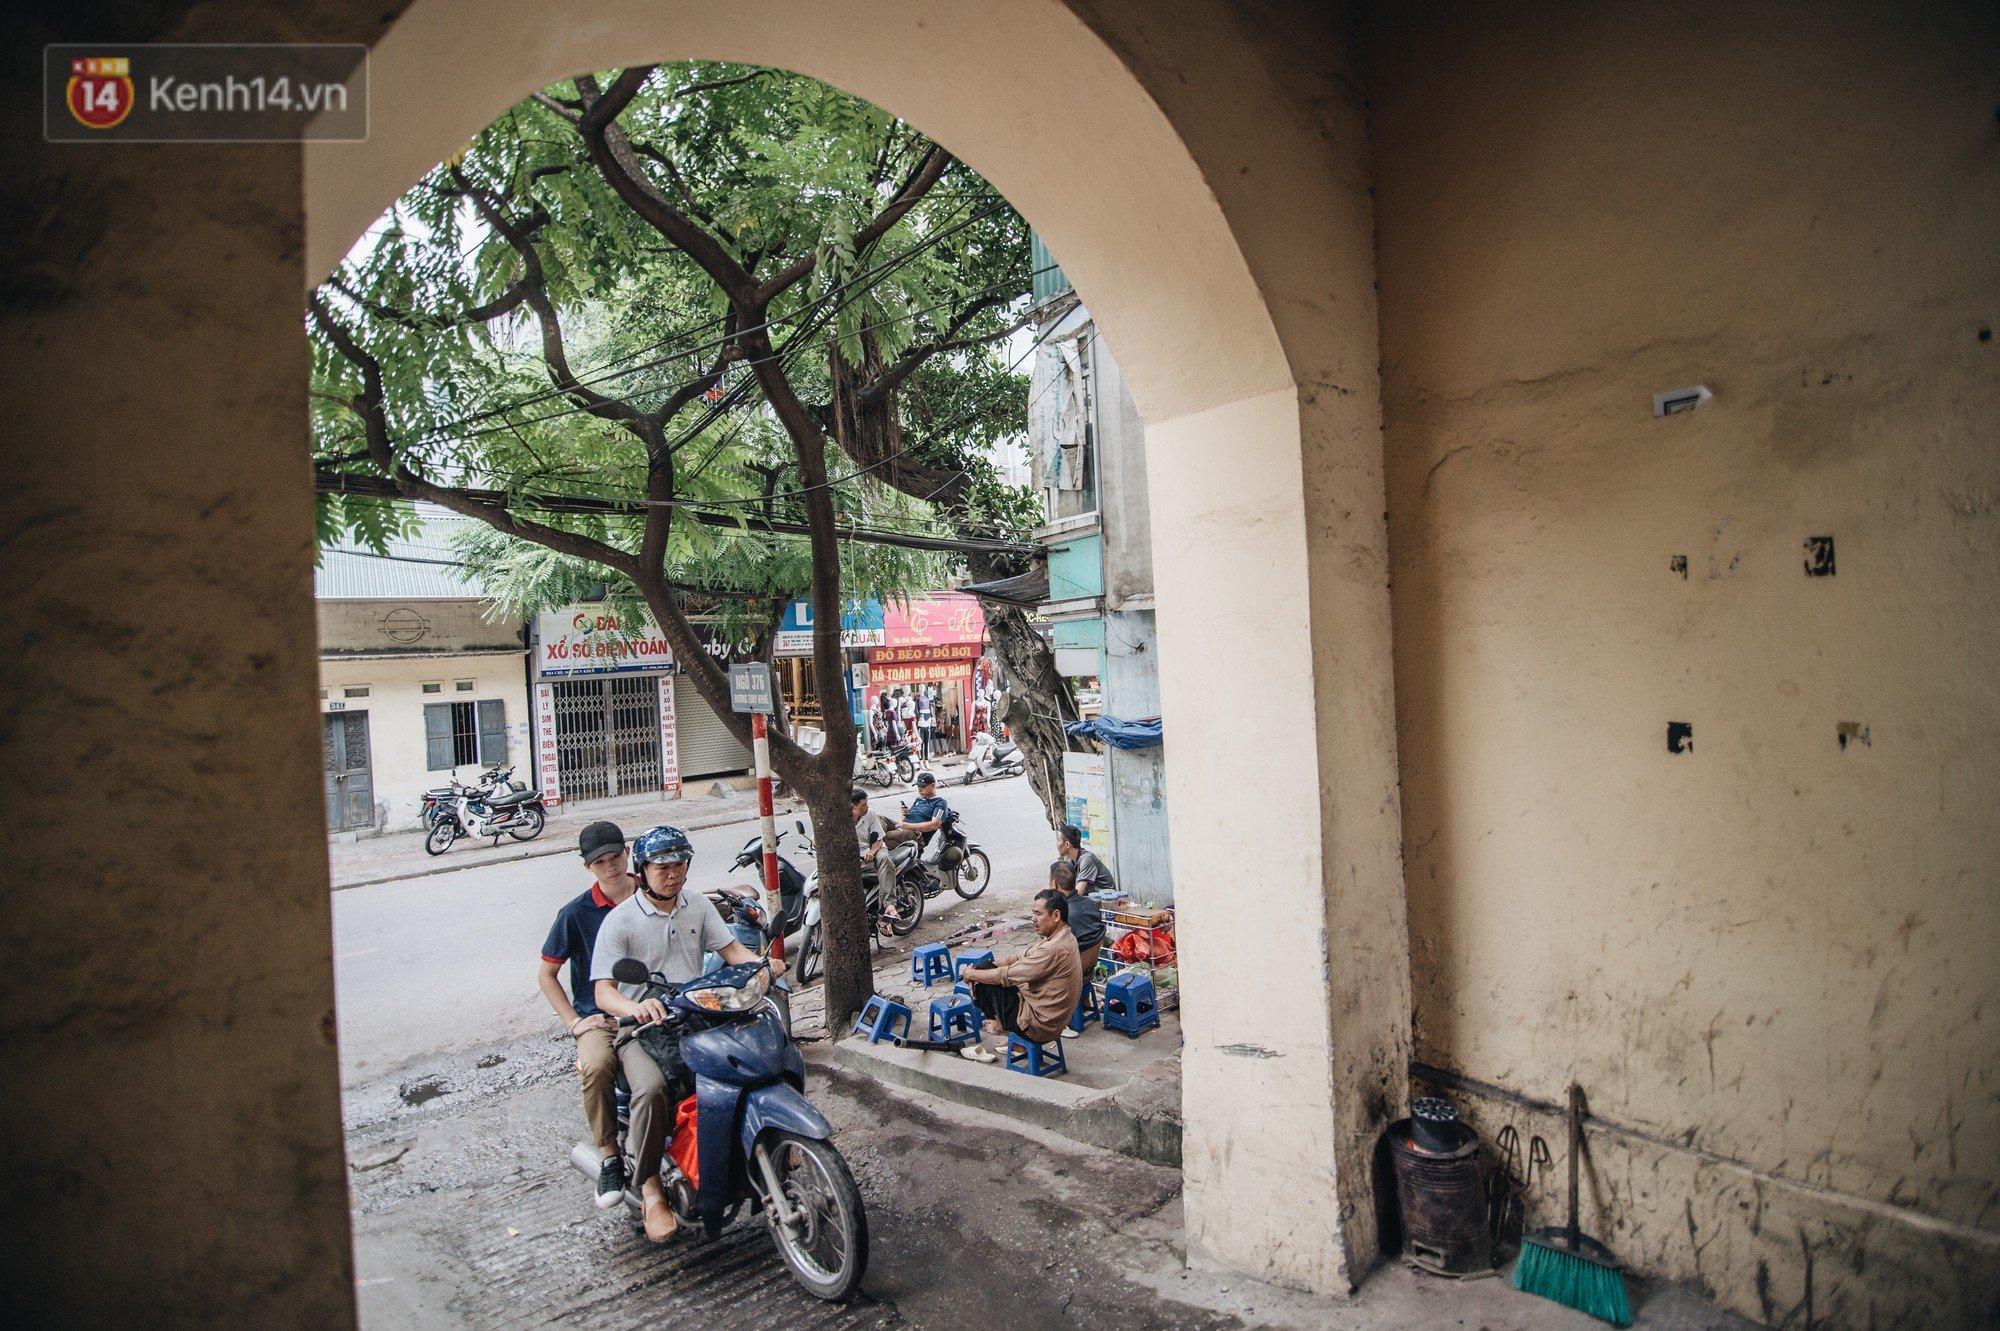 Chuyện về một con phố có nhiều cổng làng nhất Hà Nội: Đưa chân qua cổng phải tôn trọng nếp làng - Ảnh 10.